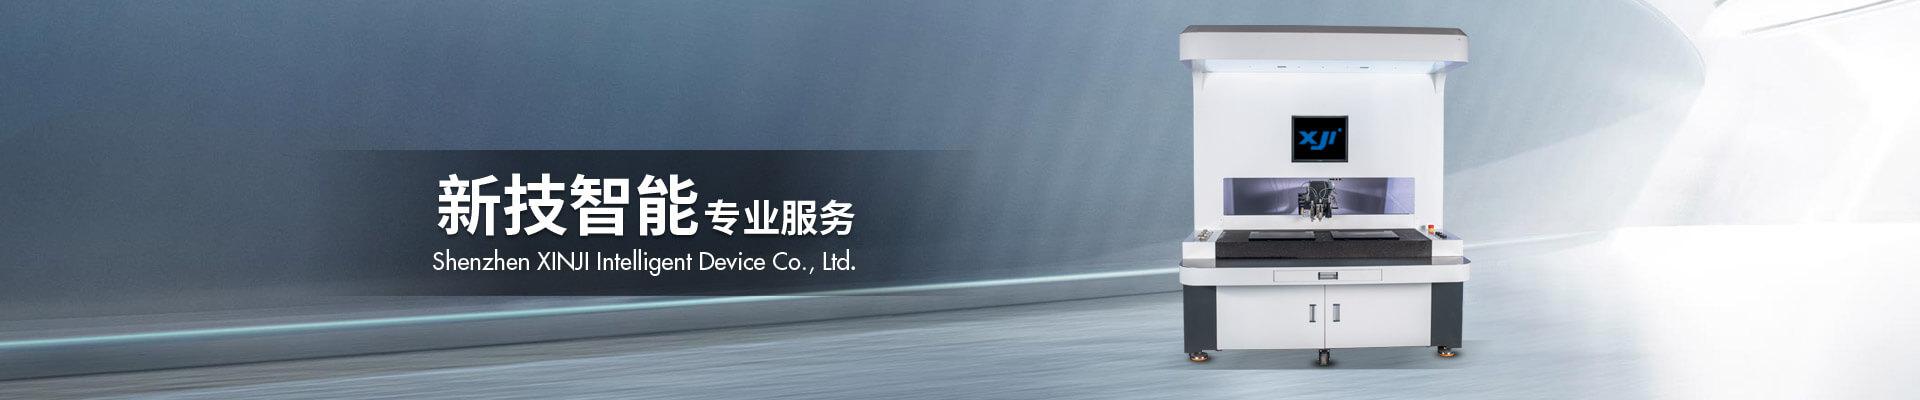 深圳市新技智能设备有限公司